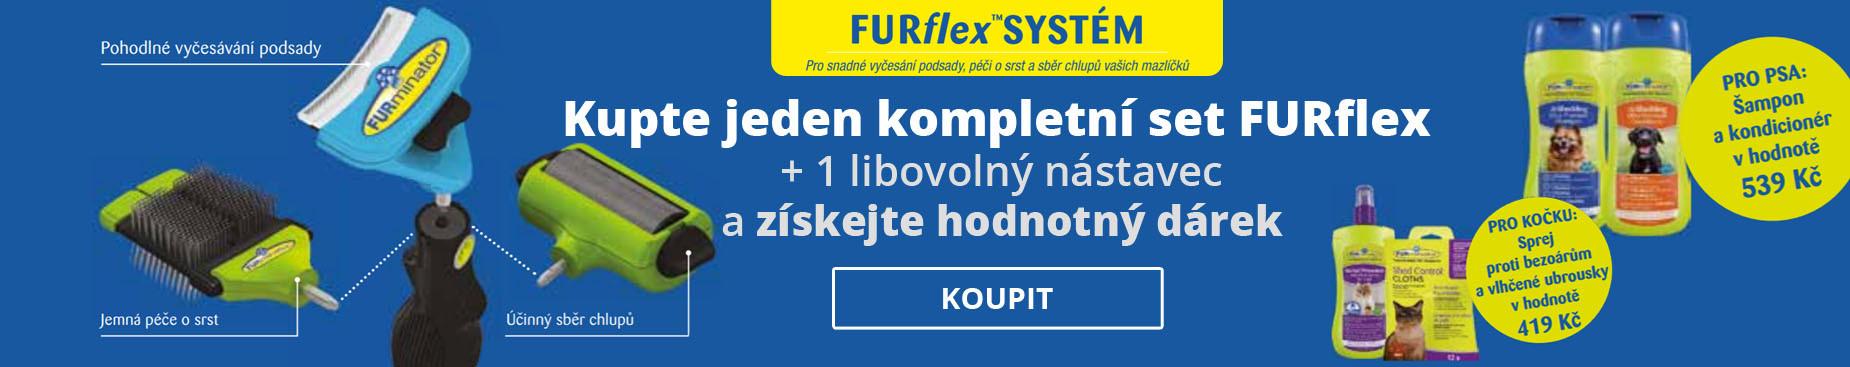 kompletní set FURflex